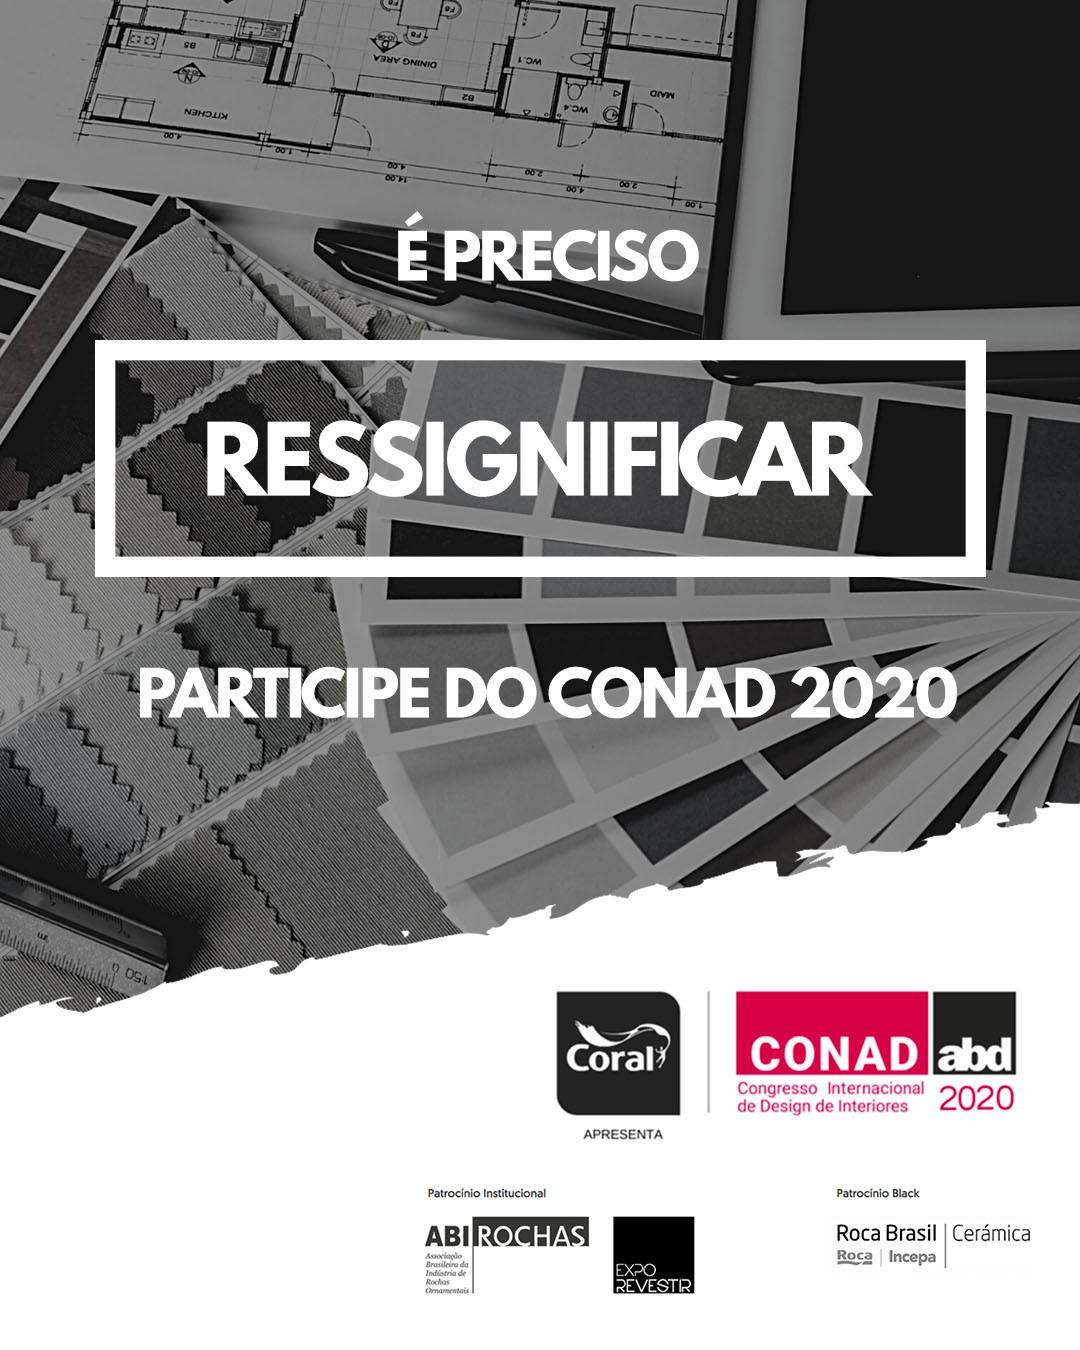 Conad 2020 Debate O Futuro Do Design Com Palestras Virtuais Casa Vogue Eventos Etc